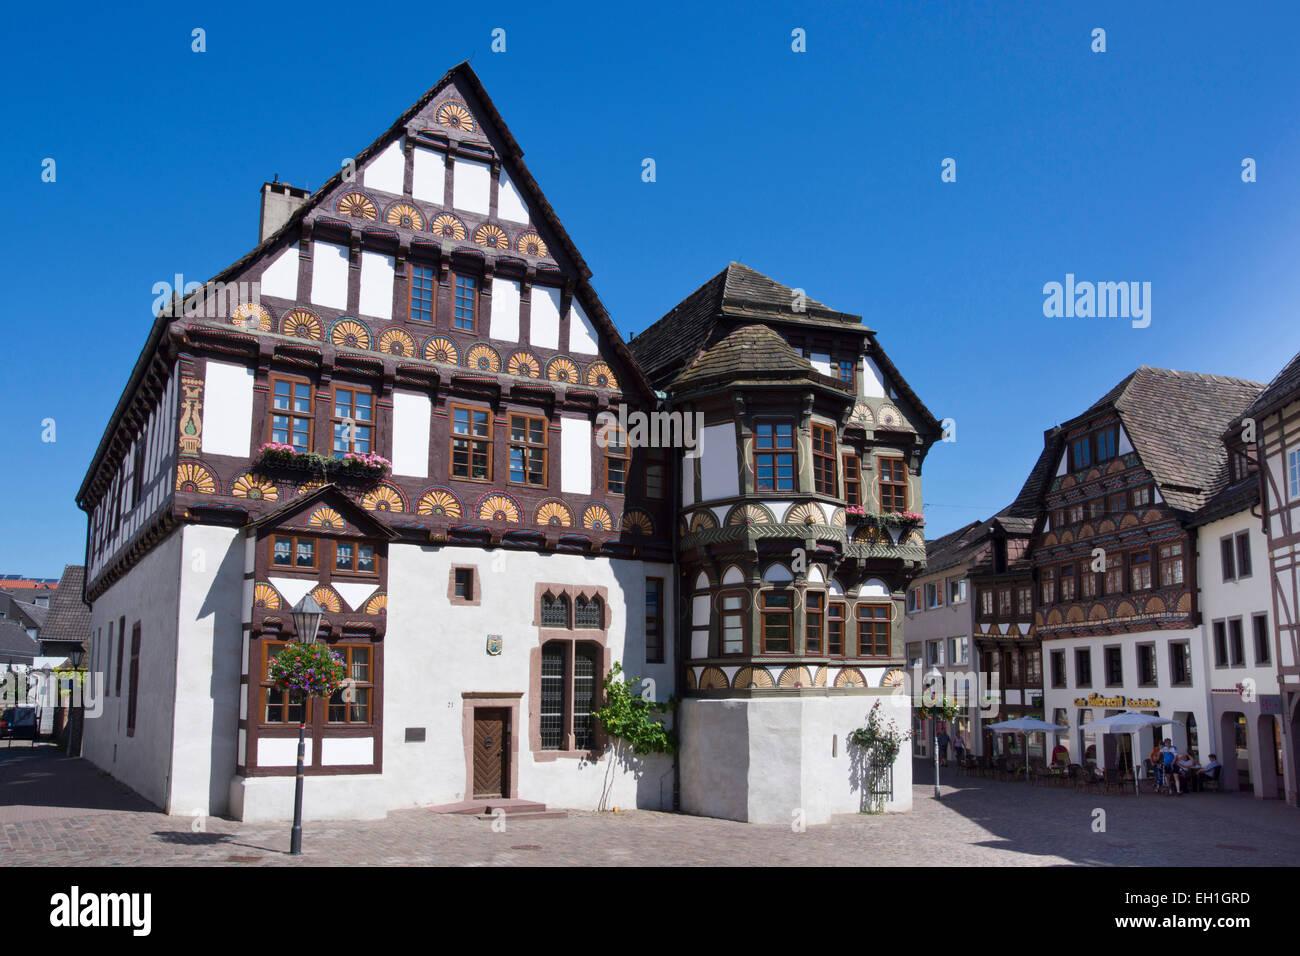 Maison du doyen de 1561, hoexter, Rhénanie du Nord-Westphalie, Allemagne, Europe Banque D'Images